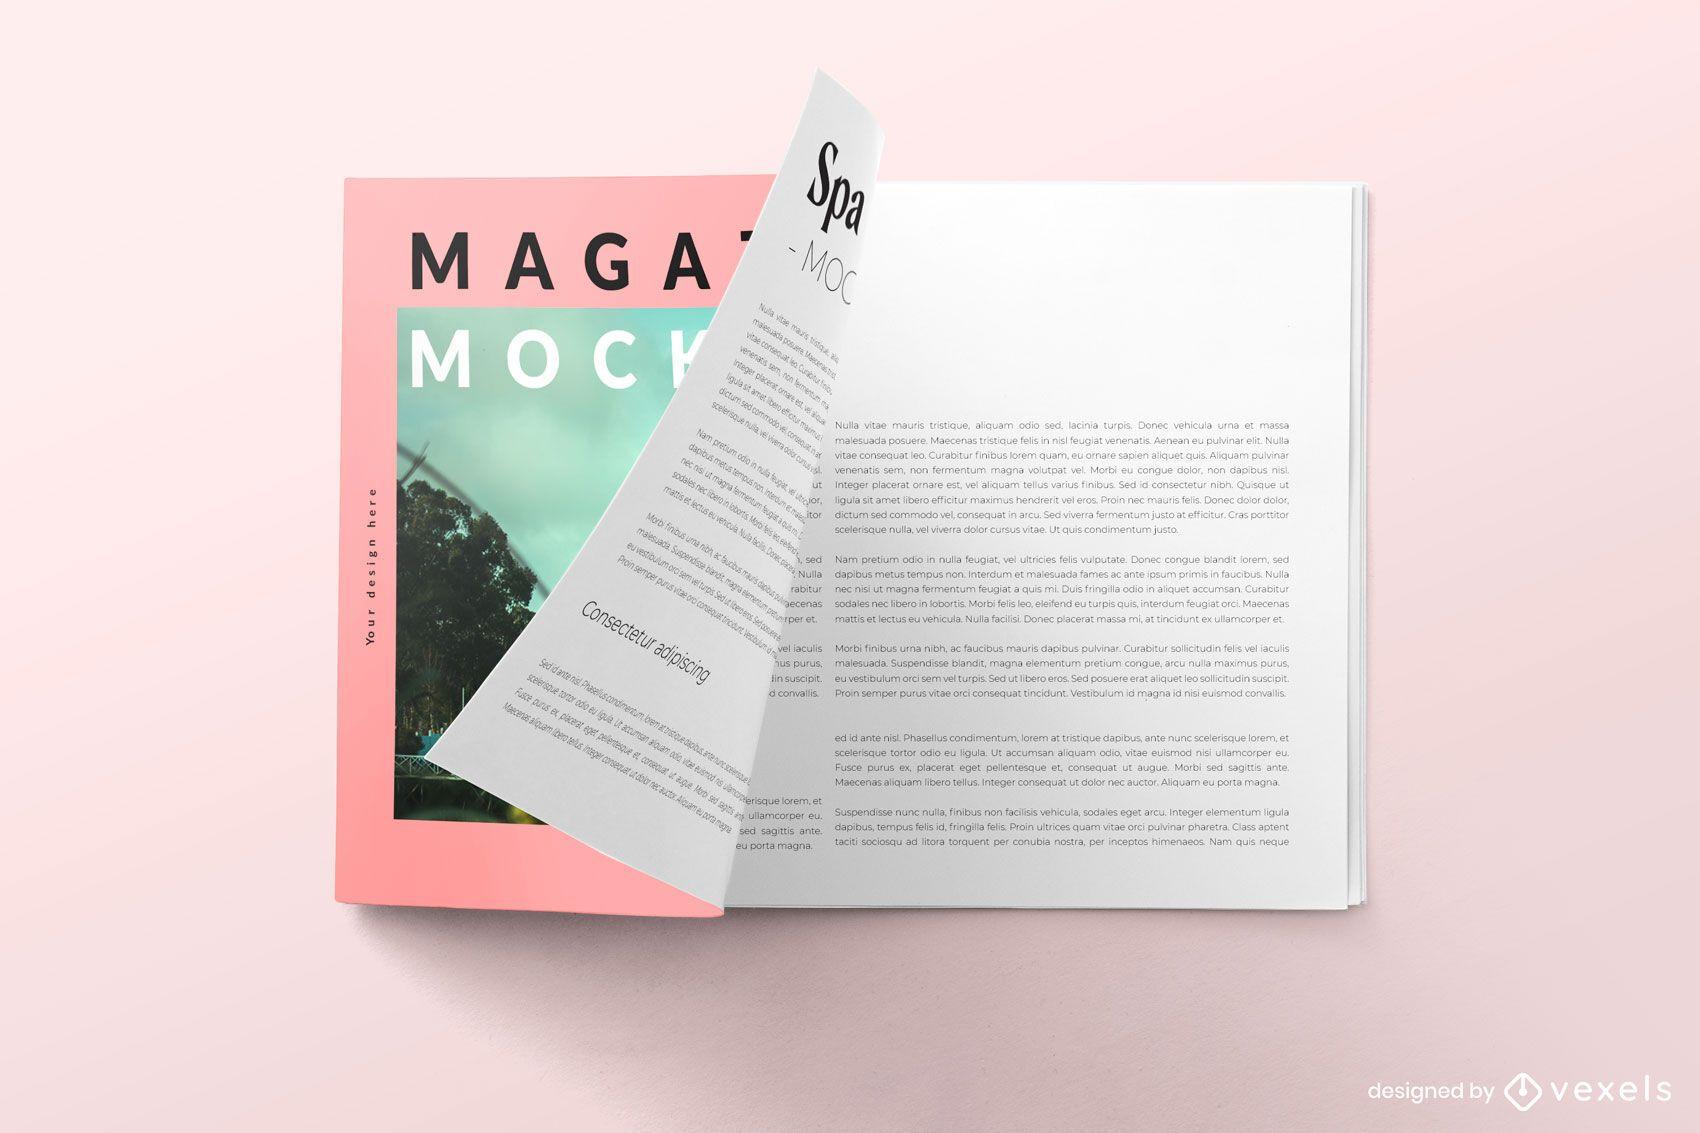 Design de maquete psd de revista aberta